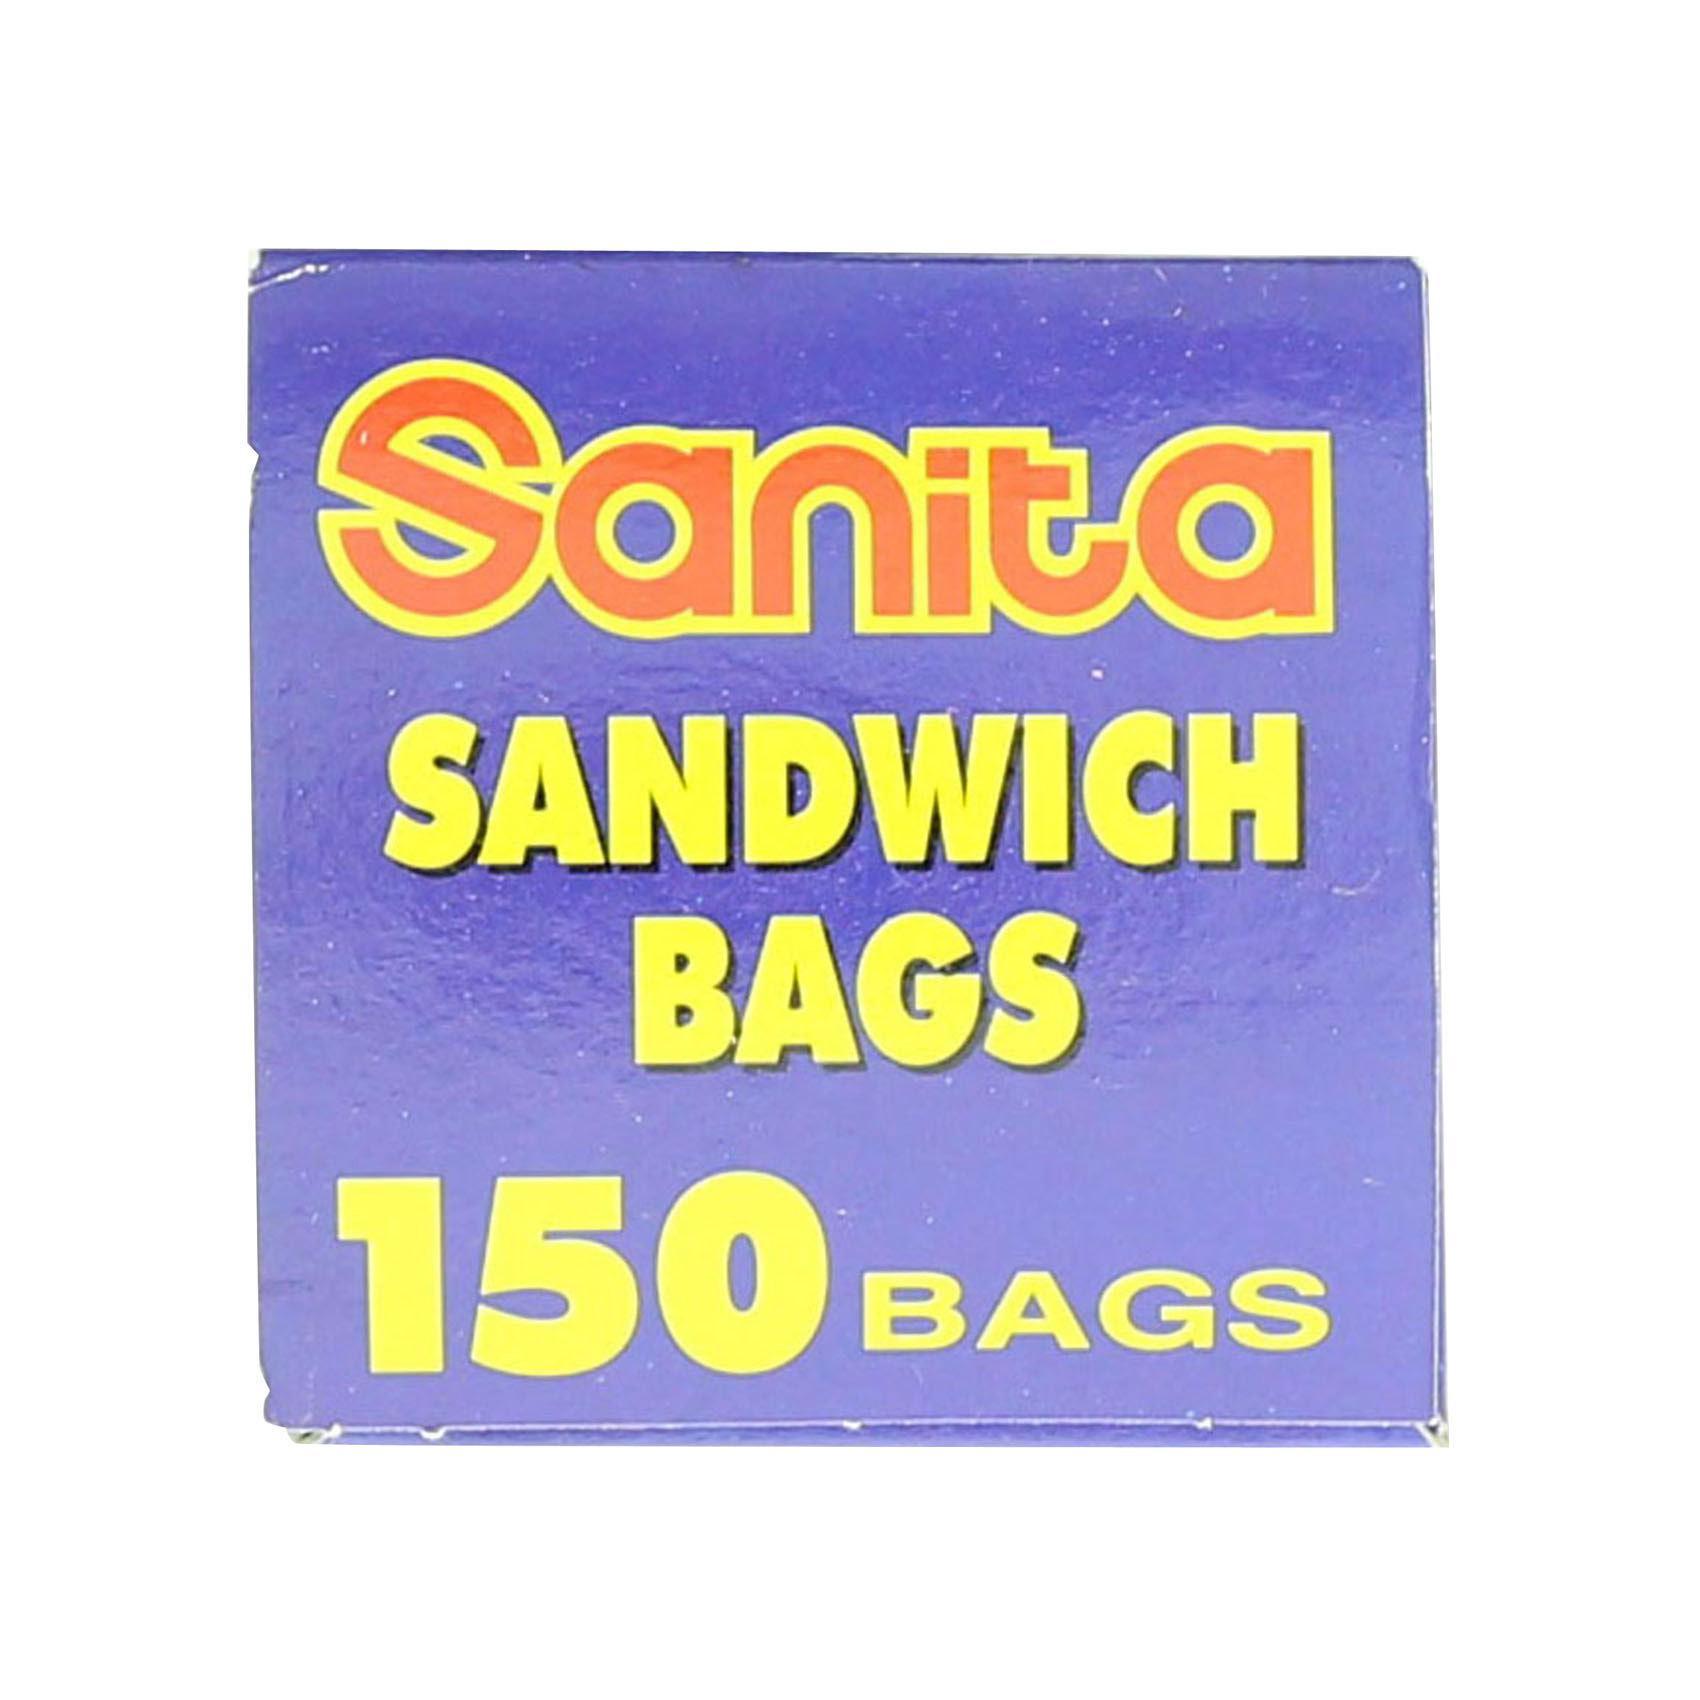 SANITA SANDWICH BAGS X 150'S